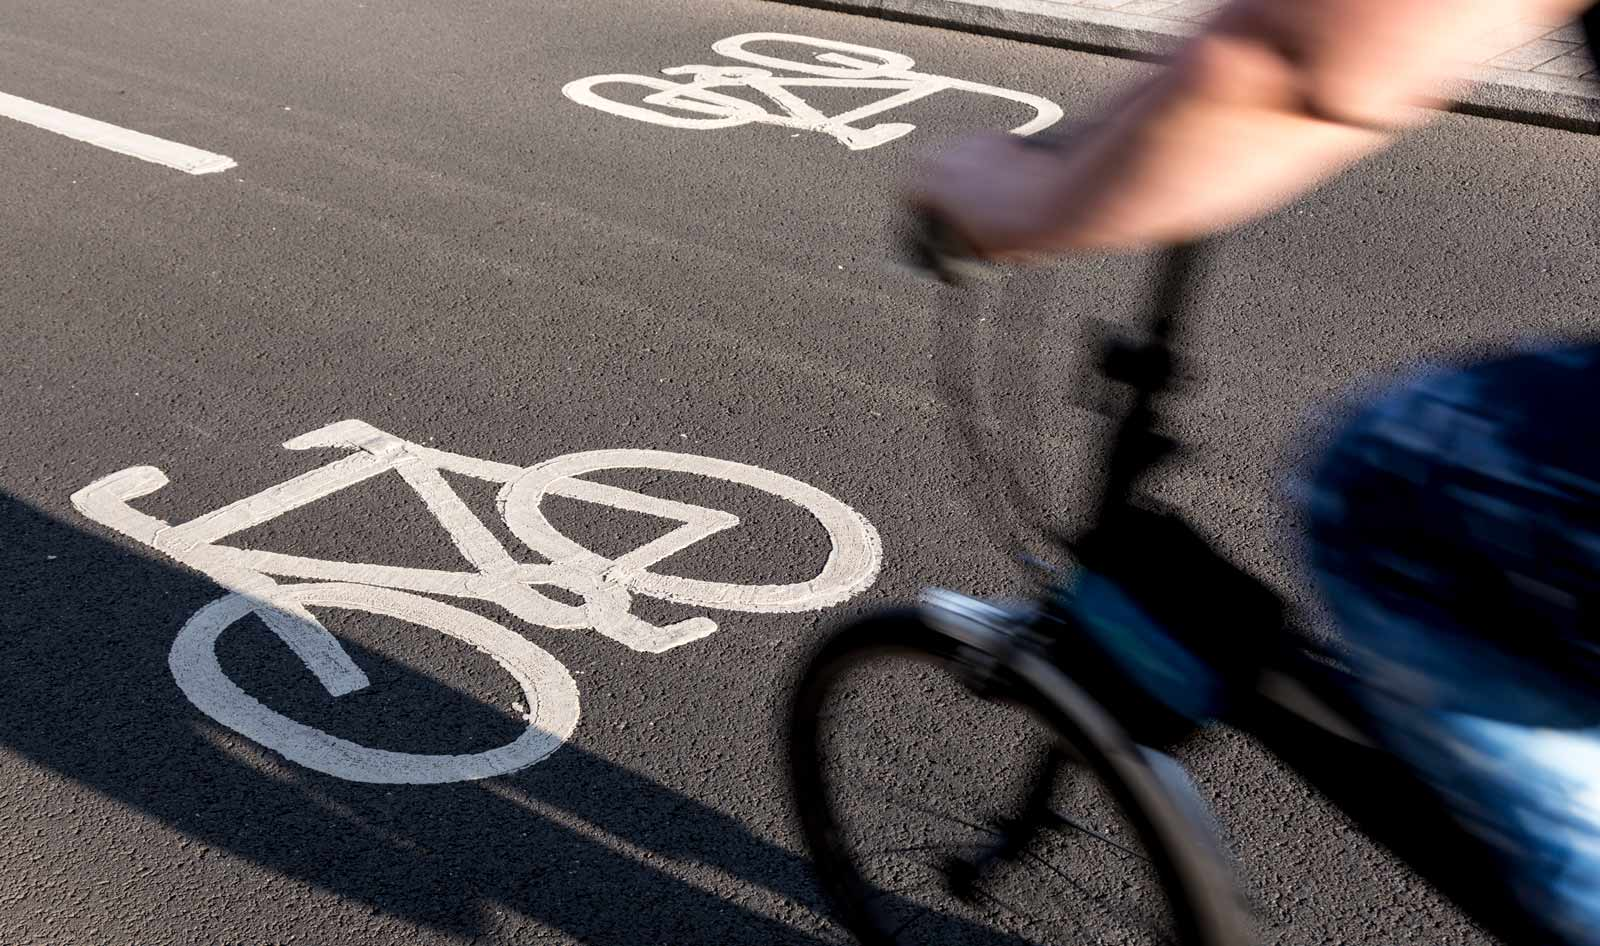 conoce las normas de circulacion para ciclistas